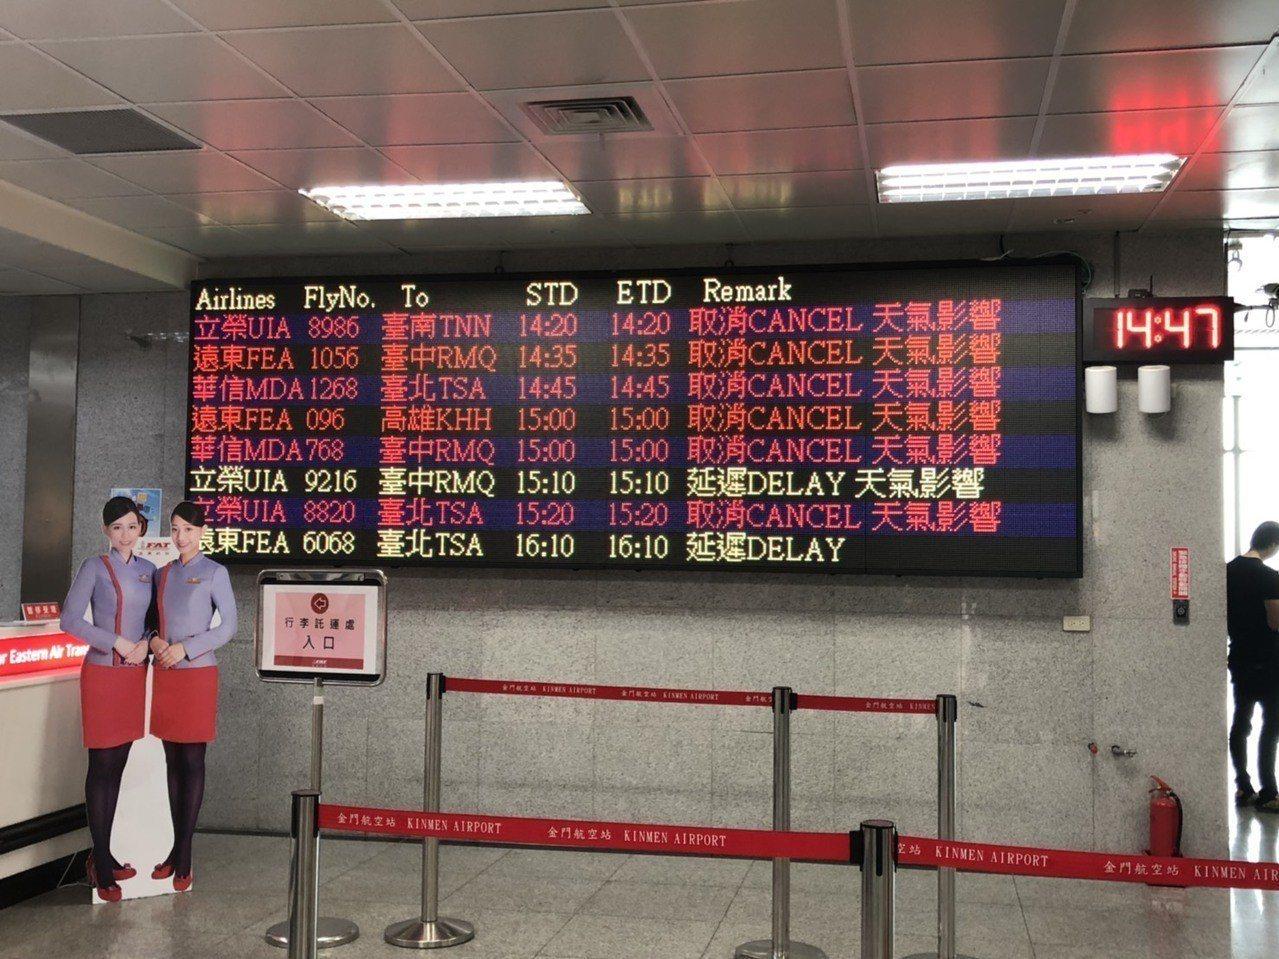 金門尚義機場因濃霧共取消35架次班機,航班表上全是取消的紅字。記者蔡家蓁/攝影